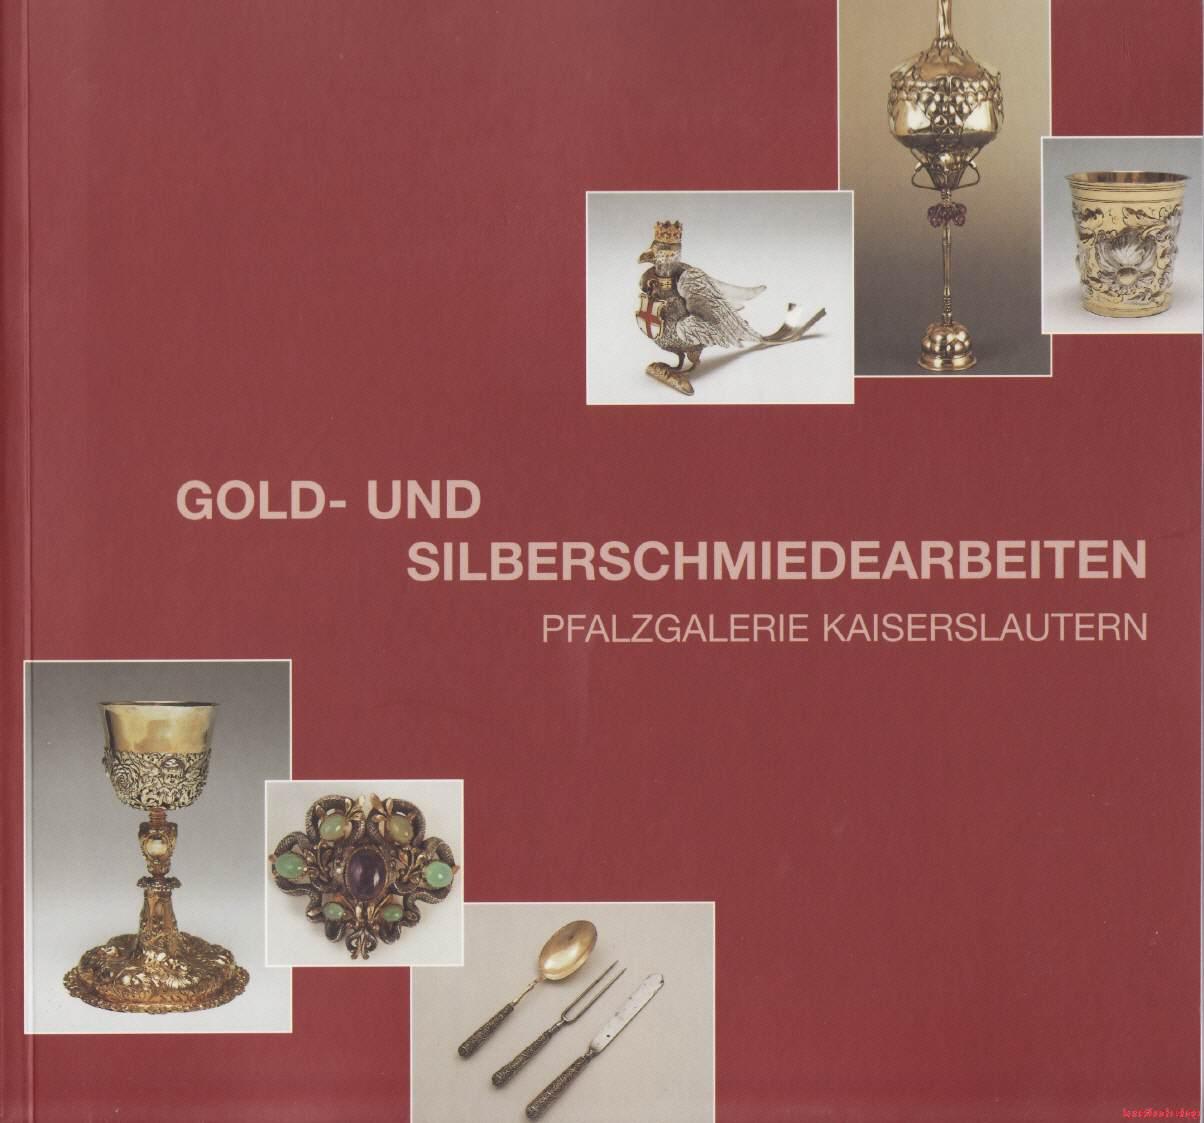 Gold- und Silberschmiedearbeiten Pfalzgalerie Kaiserslautern. Bestandskataloge der Kunshandwerklichen Sammlung IV